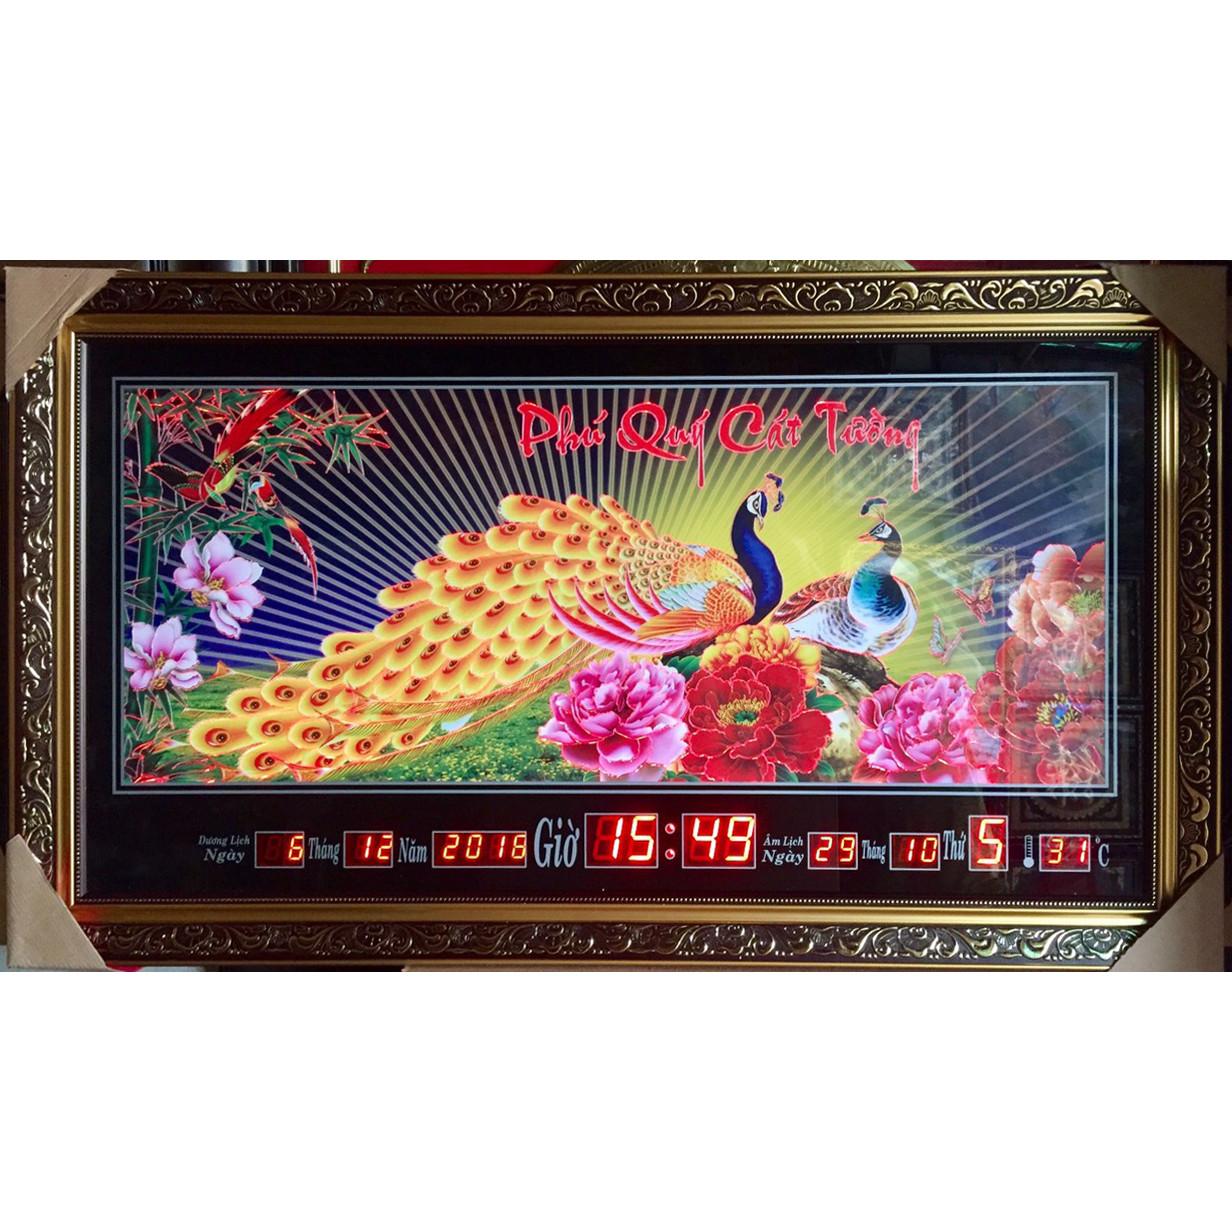 Đồng hồ tranh điêu khắc đèn led đổi màu Phú quý cát tường - K312